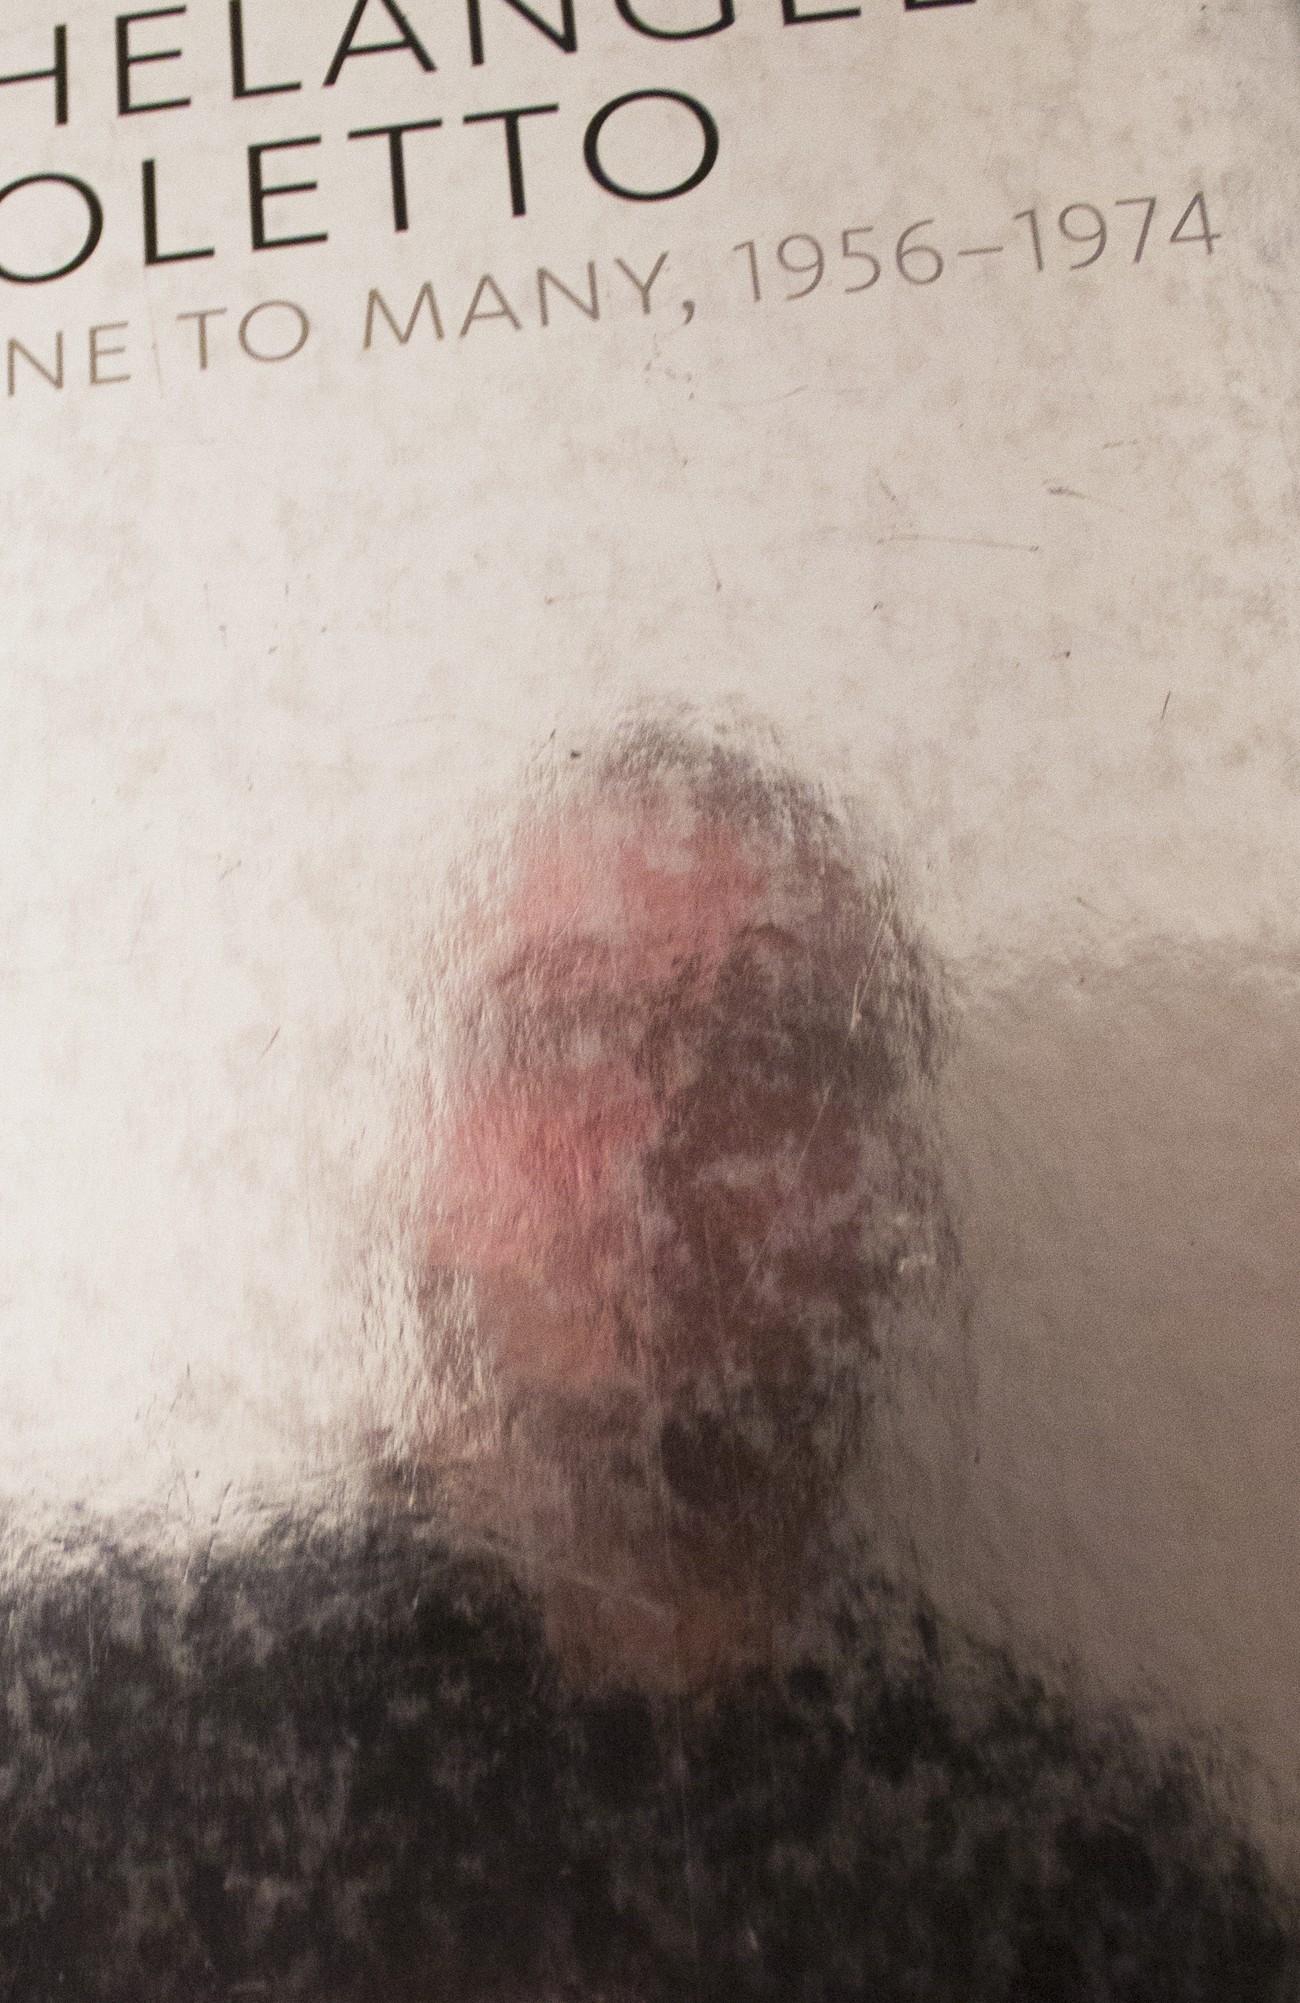 Steve Giasson. Performance invisible n° 82 (Douter de tout). Carlos Basualdo (dir. publ.). Michelangelo Pistoletto: From one to Many, 1956-1974. Philadelphia : Publishing Department of the Philadelphia Museum of Art. 2010. Performeur : Steve Giasson. Crédit photographique : Steve Giasson et Martin Vinette. 16 février 2016.